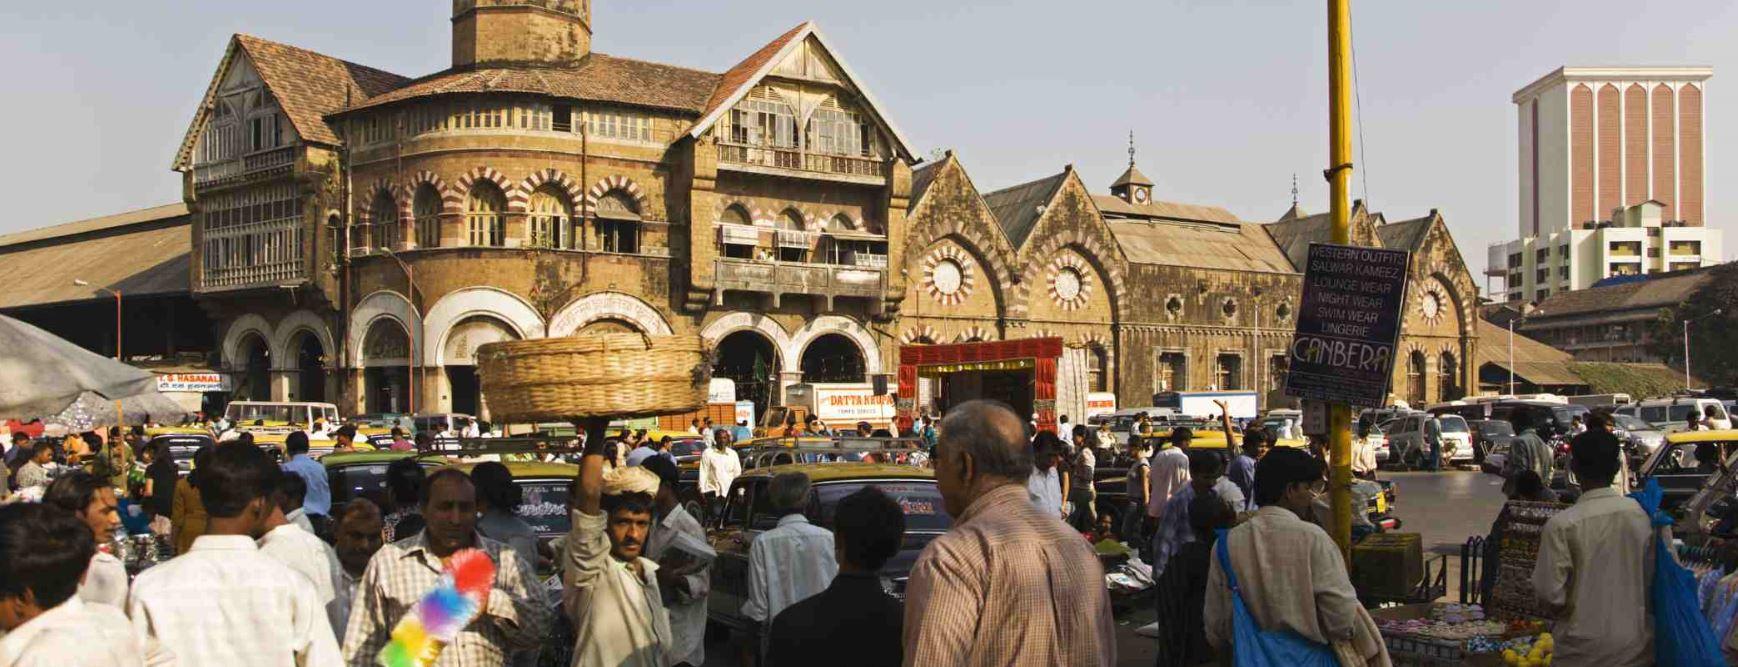 THE BEST OF MUMBAI